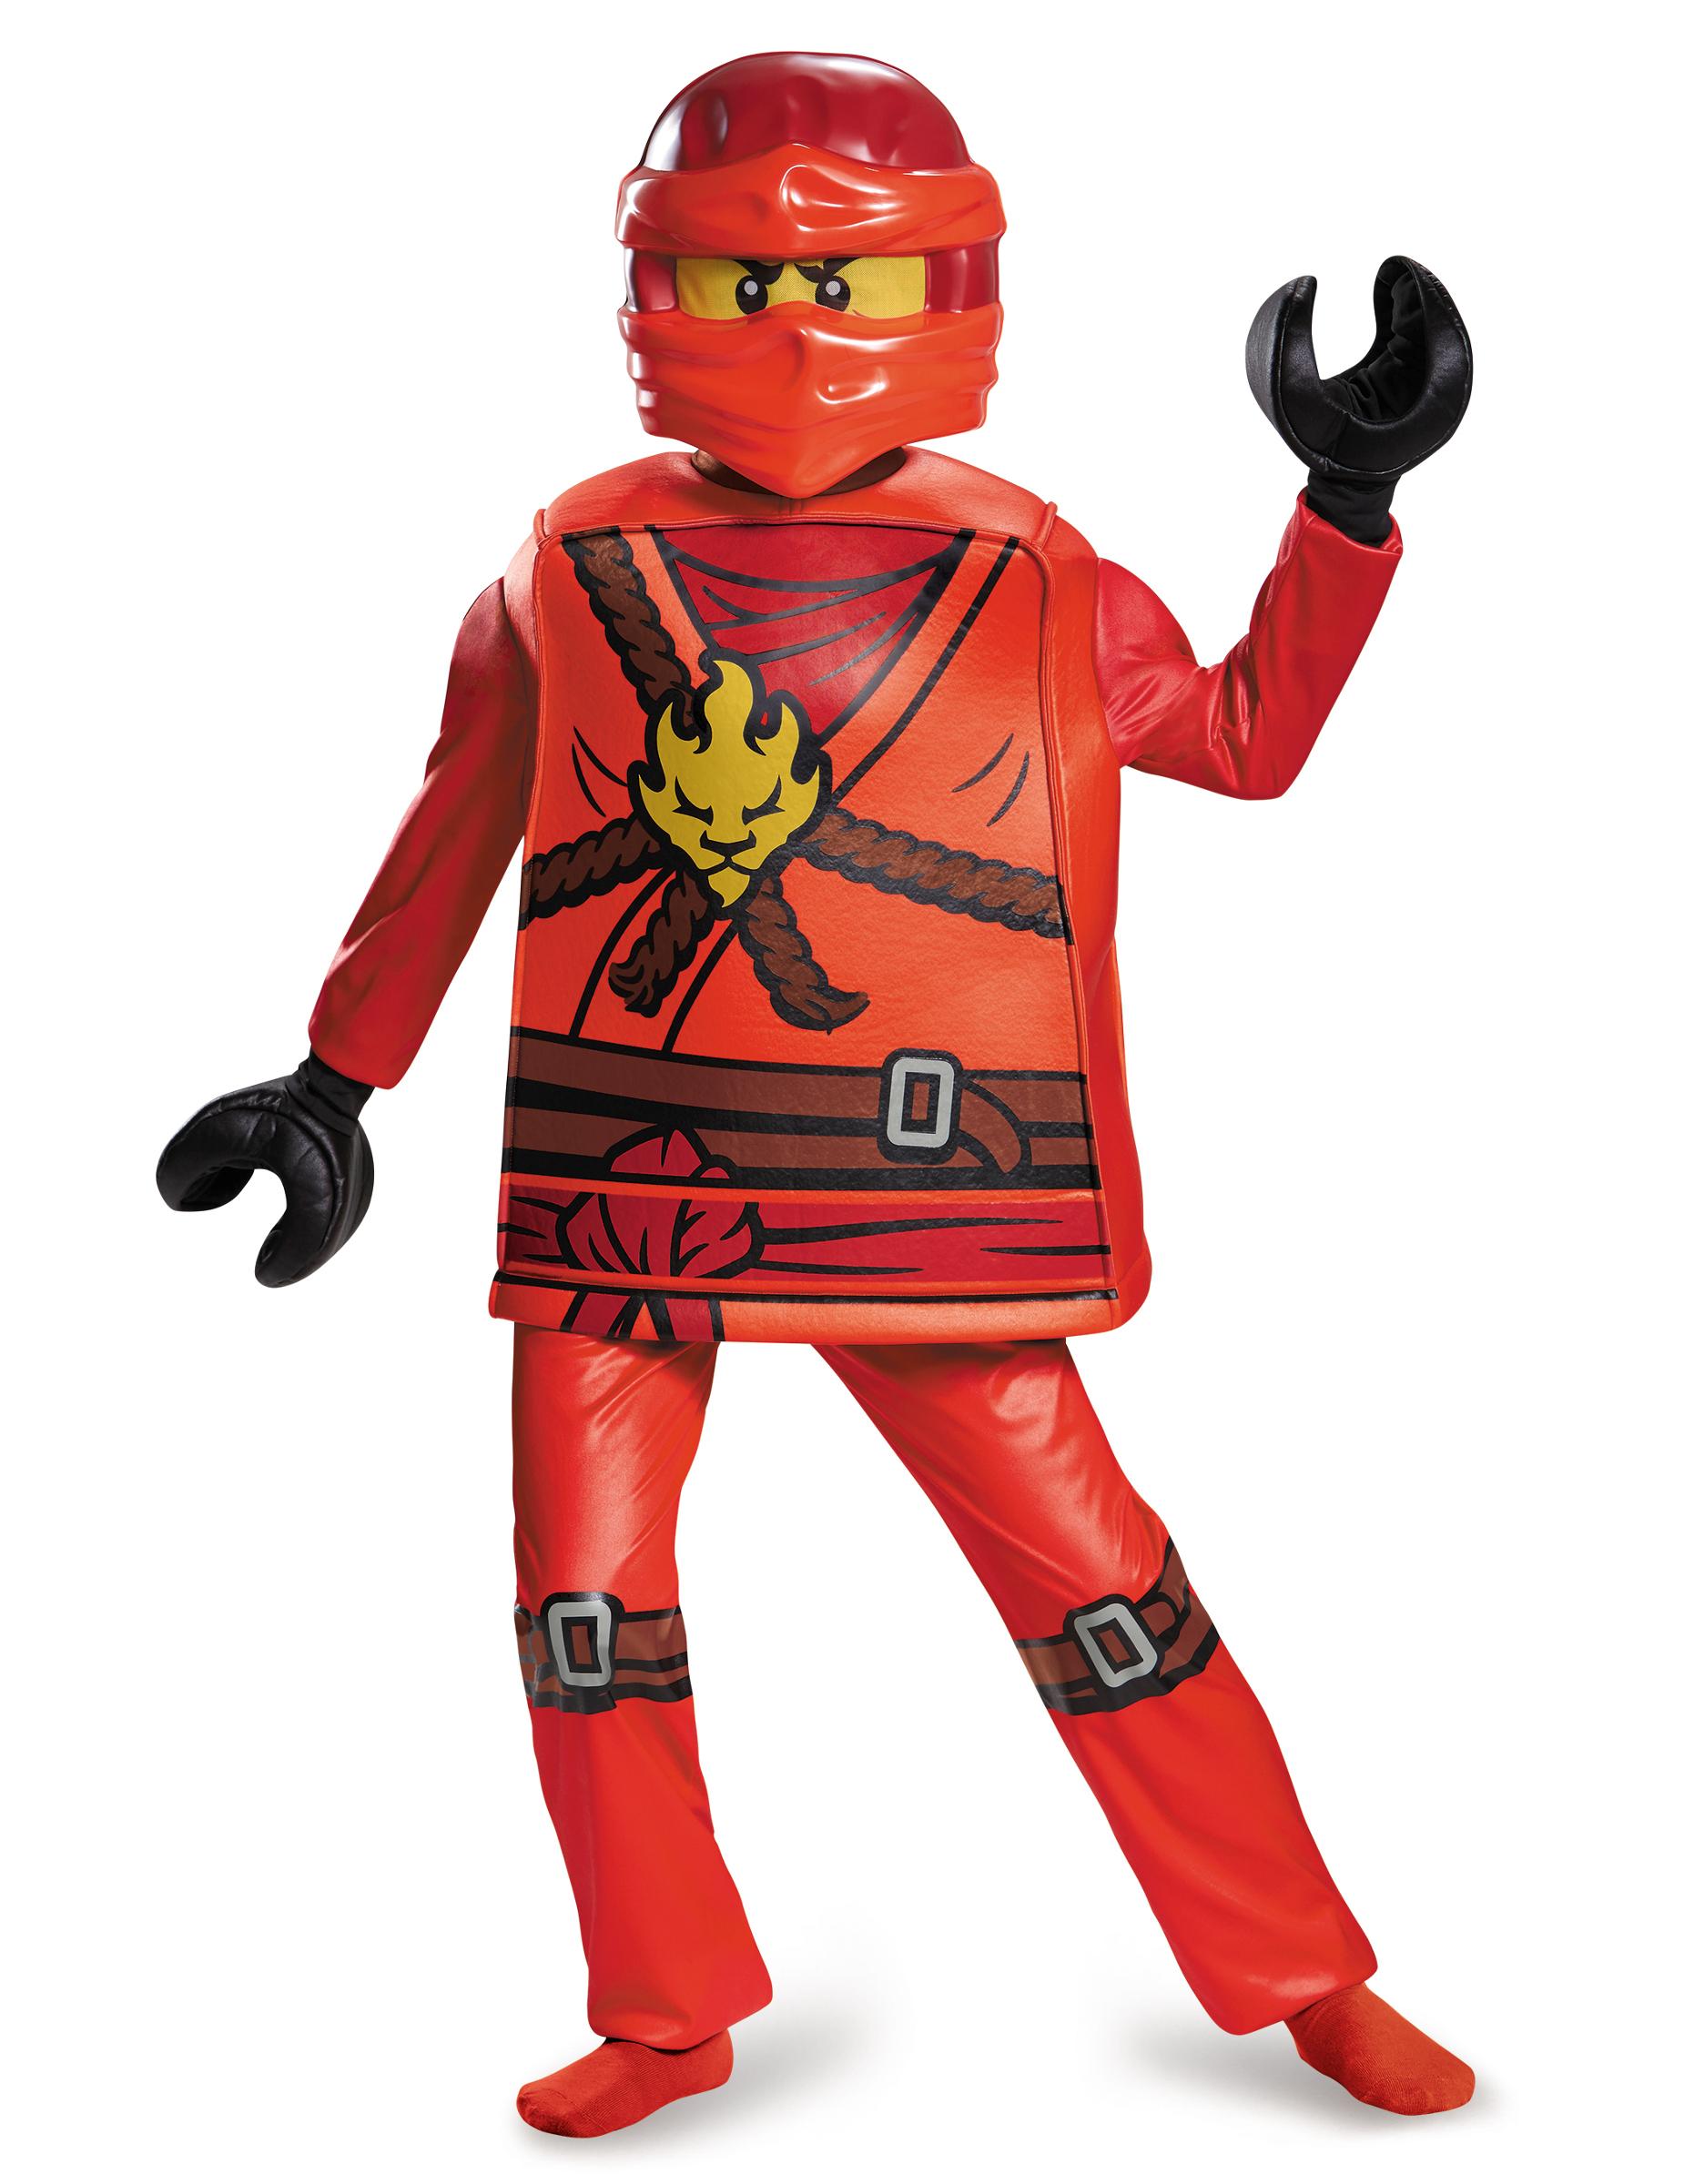 D guisement deluxe kai ninjago lego enfant deguise toi achat de d guisements enfants - Deguisement tete de lego ...